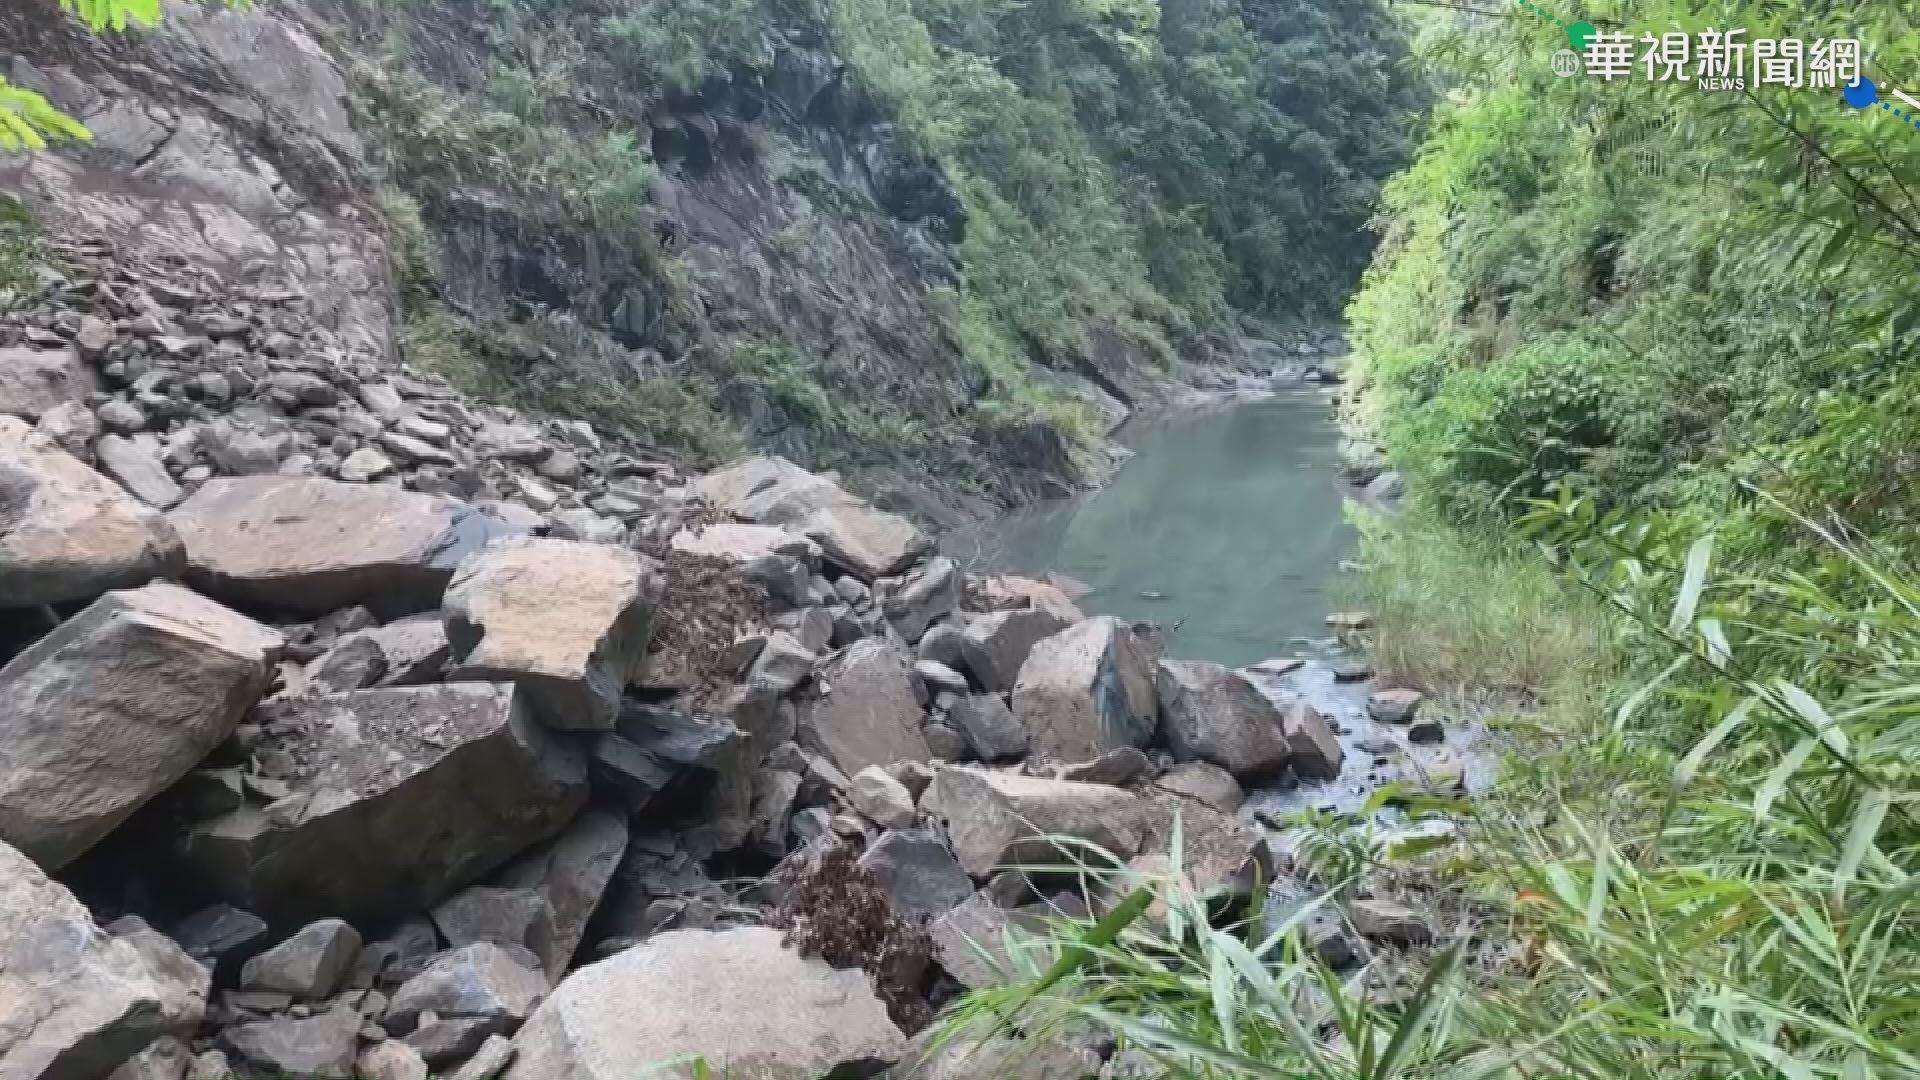 山崩擋河道 花蓮樂合溪形成堰塞湖